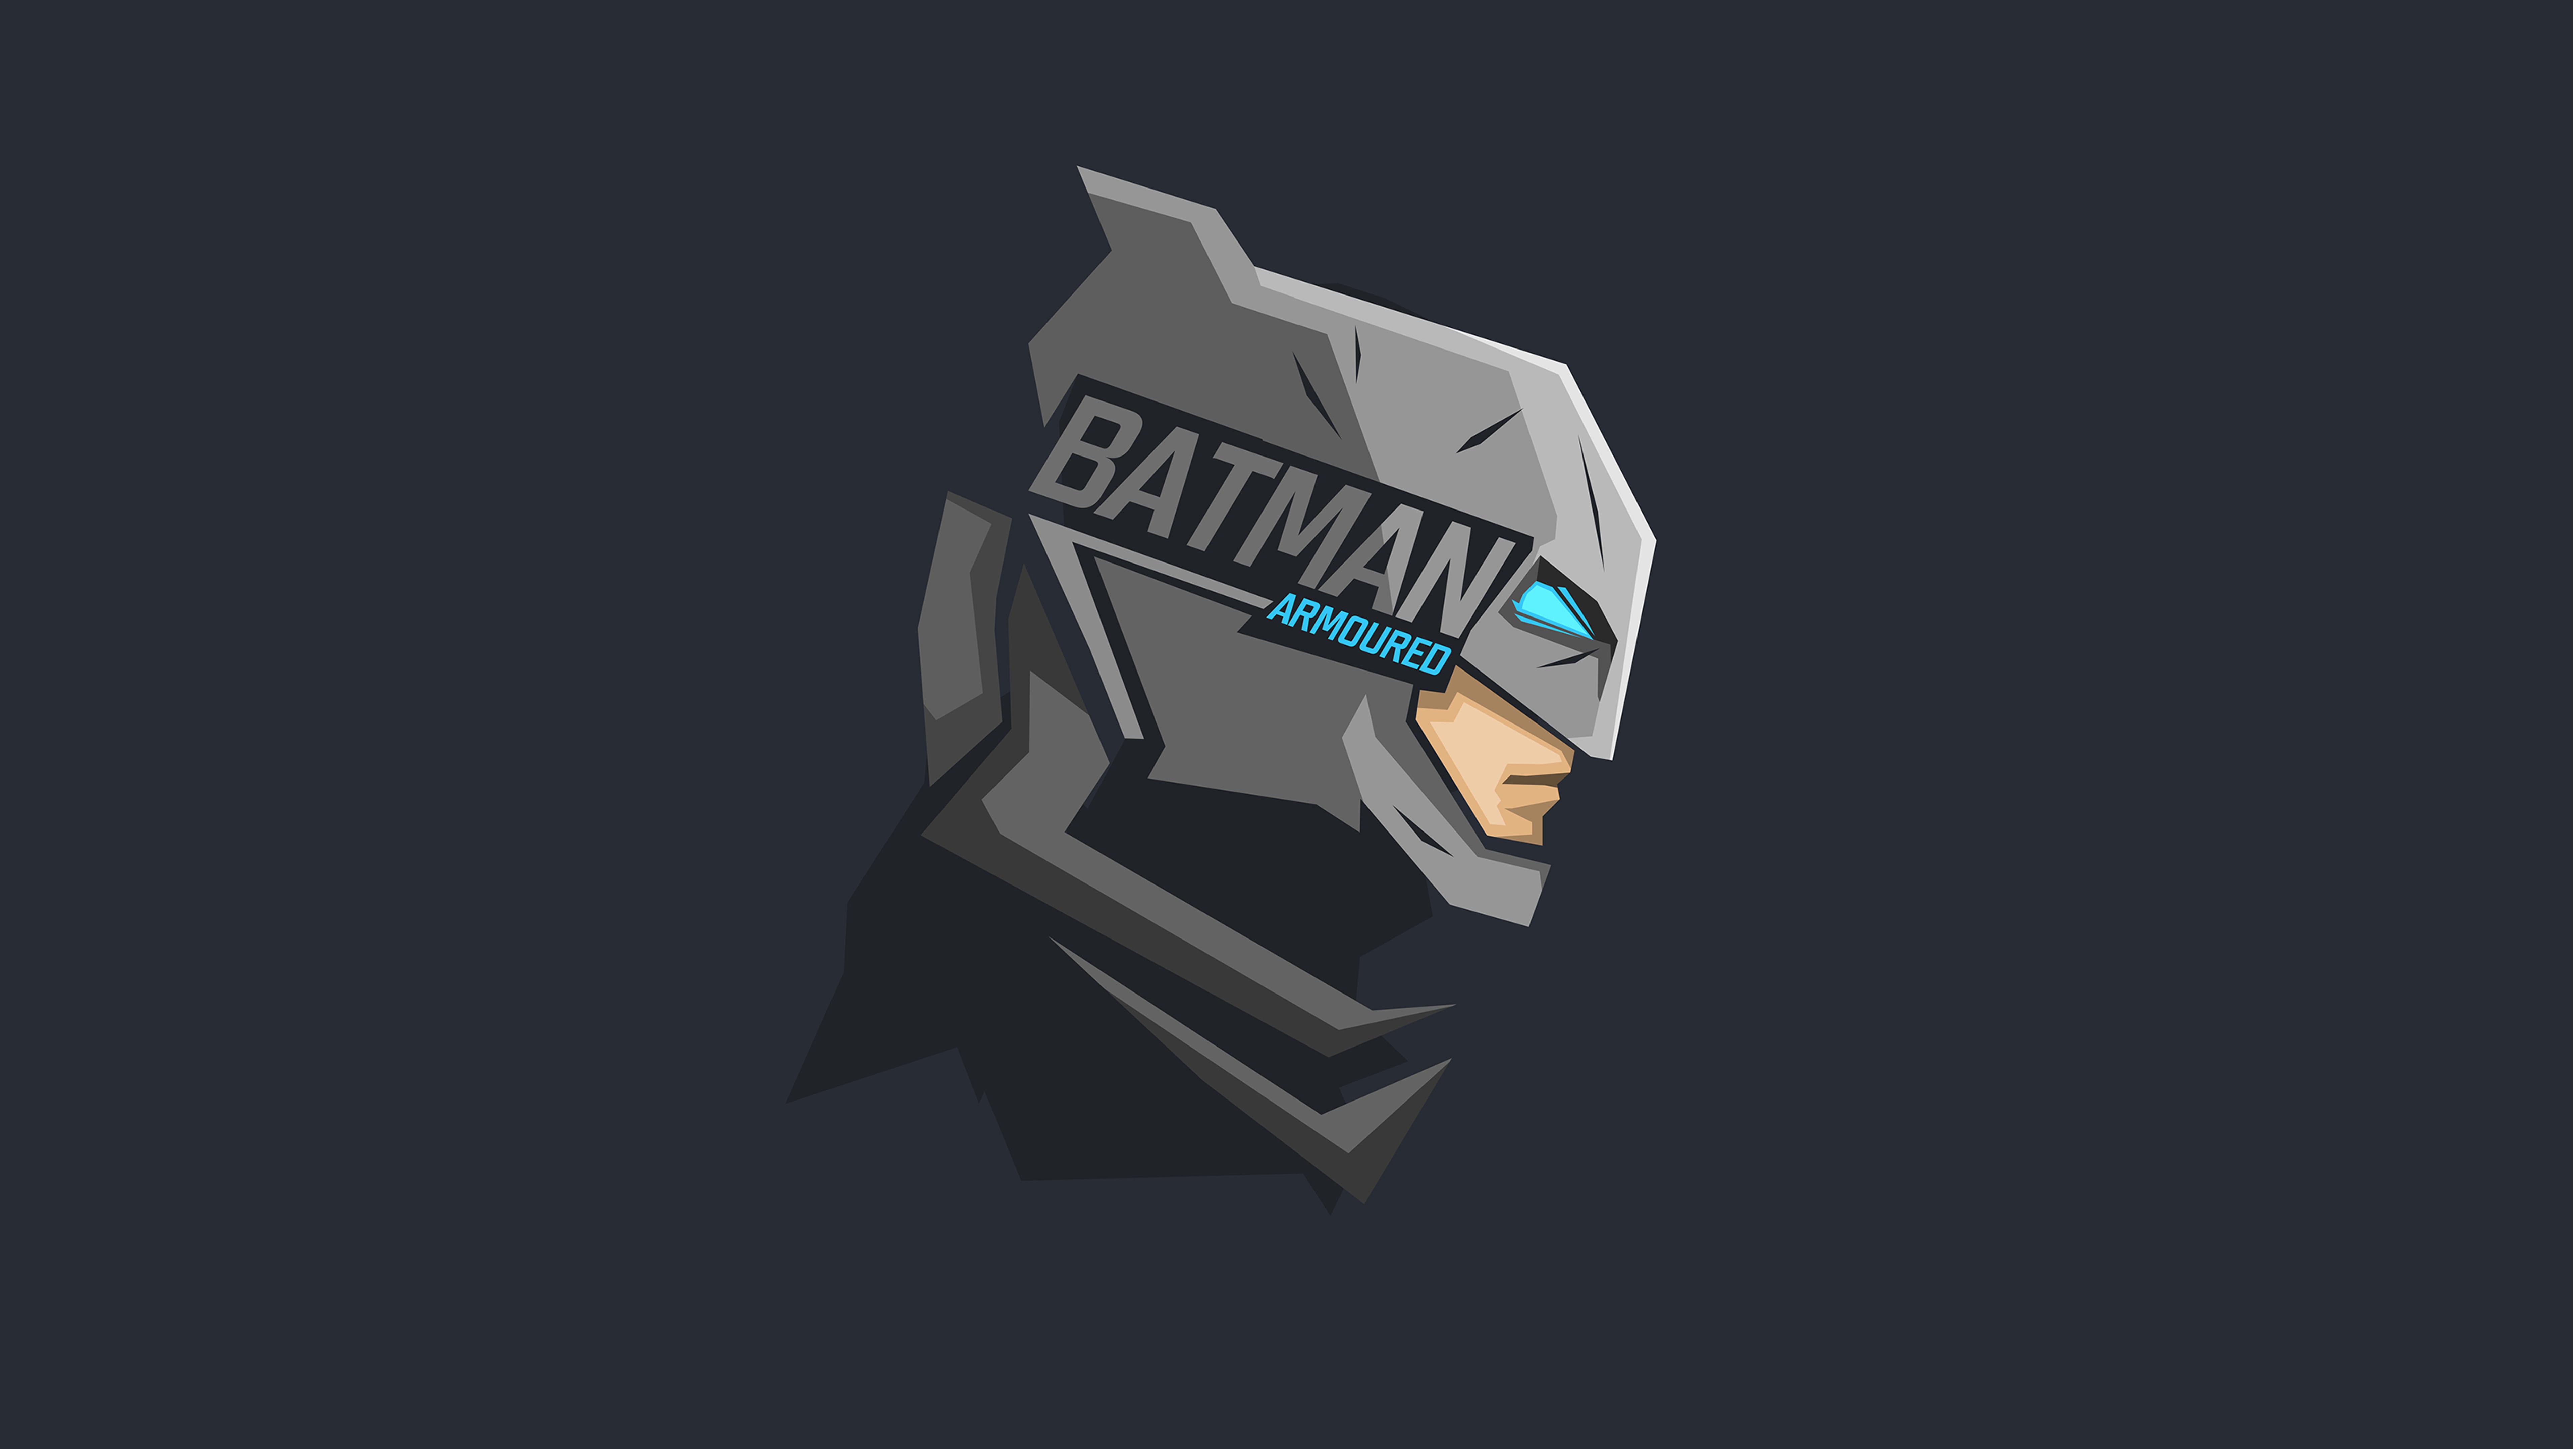 batman-mask-minimalism-8k-d8.jpg